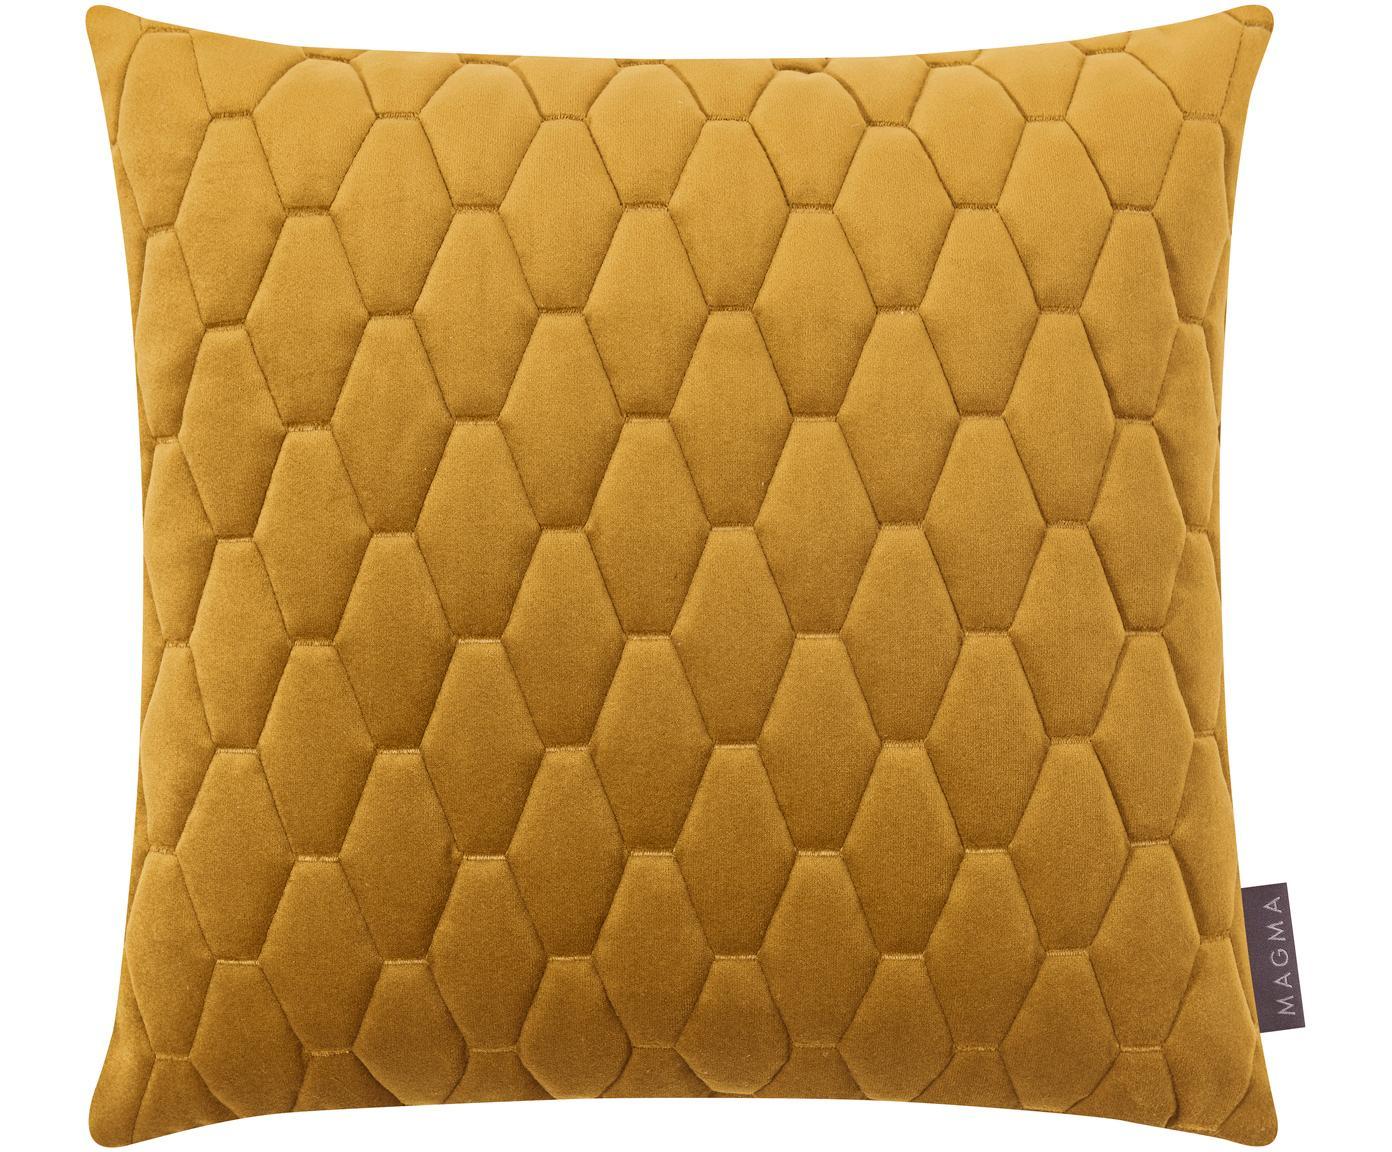 Federa arredo in velluto giallo senape Magali, Velluto di poliestere, Giallo ocra, Larg. 40 x Lung. 40 cm